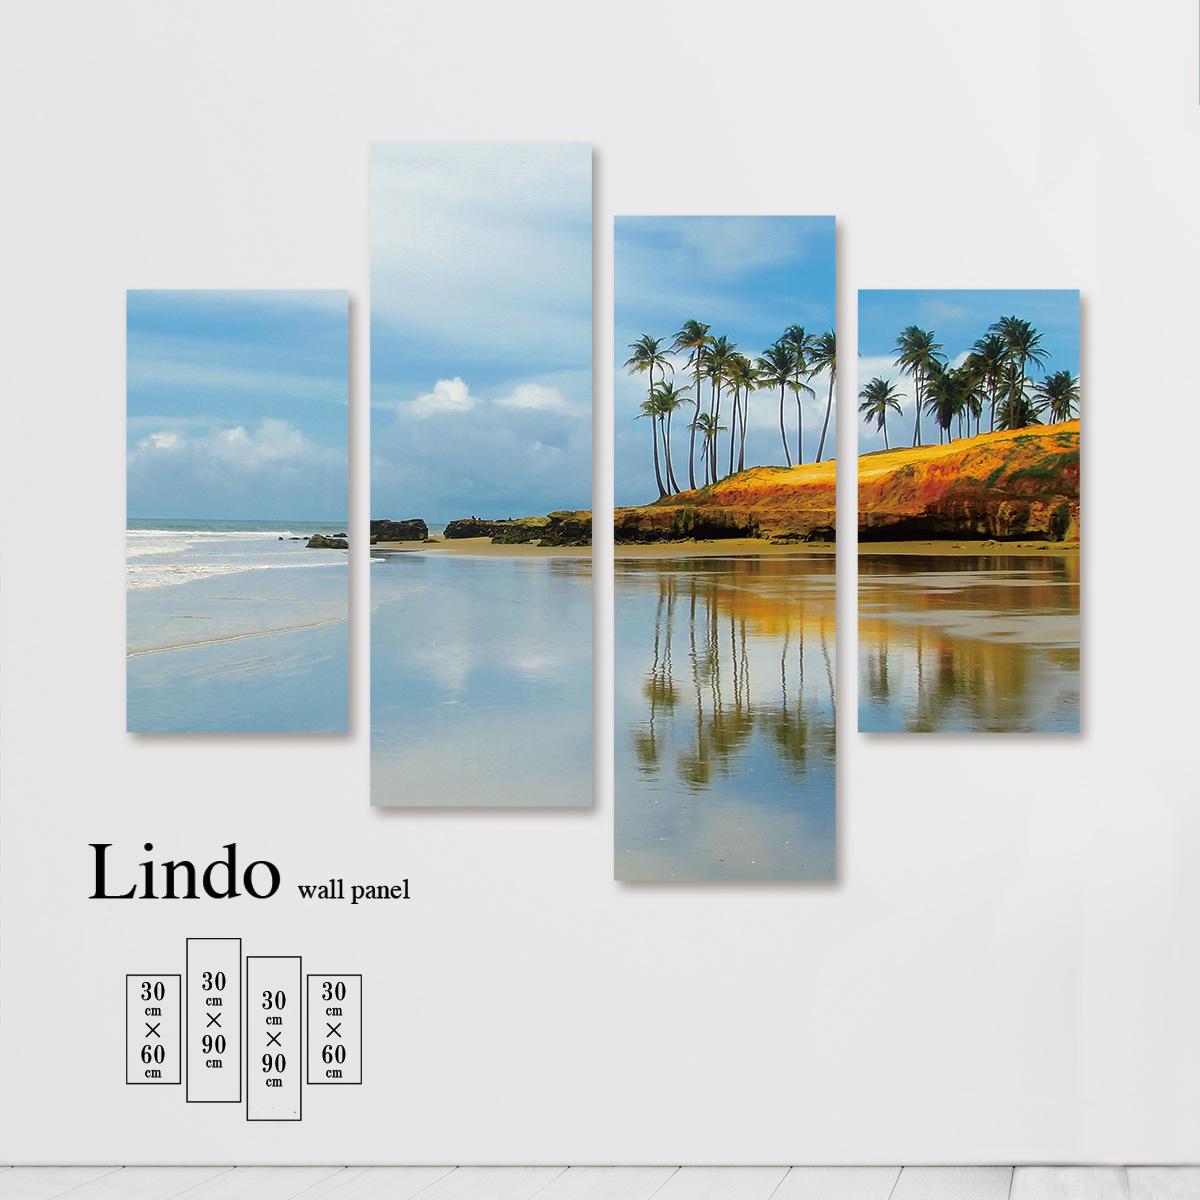 アートパネル 海 海面 海岸 浜辺 ビーチ 風景 景色 青空 水面 壁掛け 北欧 お洒落 デザイン ファブリック 壁飾り アートボード 4枚パネル